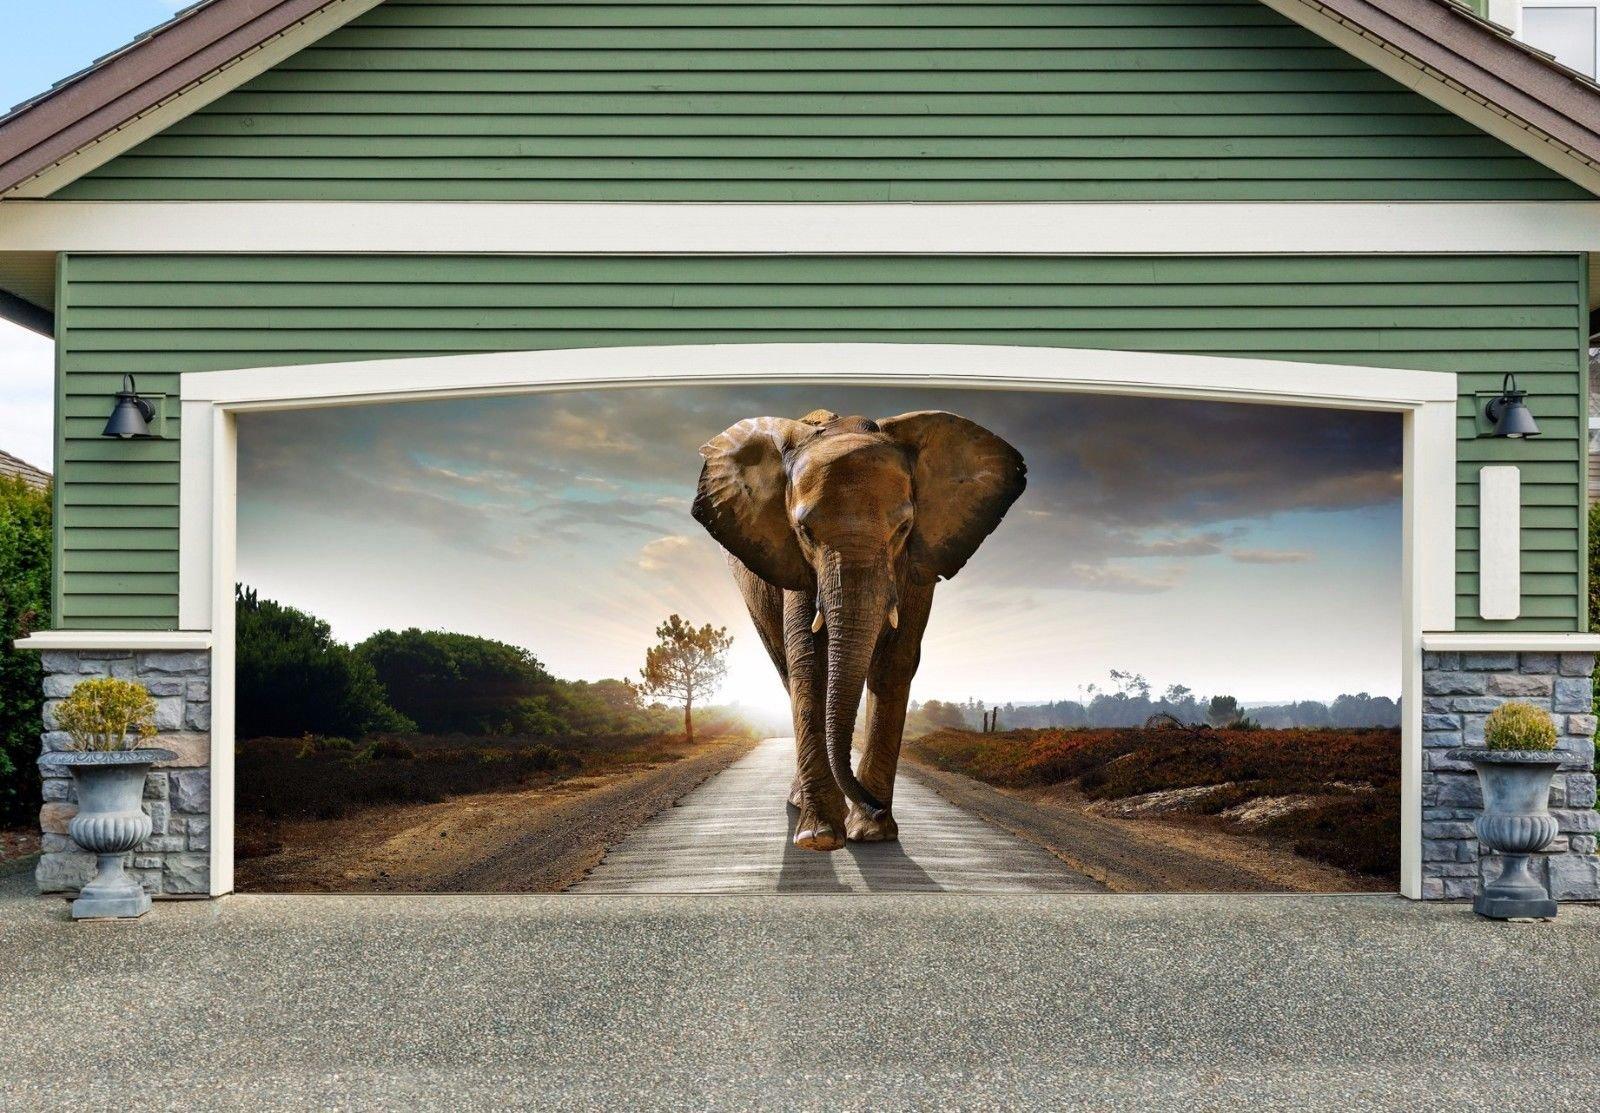 Double Garage Door Elephant Mural Full Color 3D Print Door Cover Billboard Decor for Home Murals size 82x188 Dav140